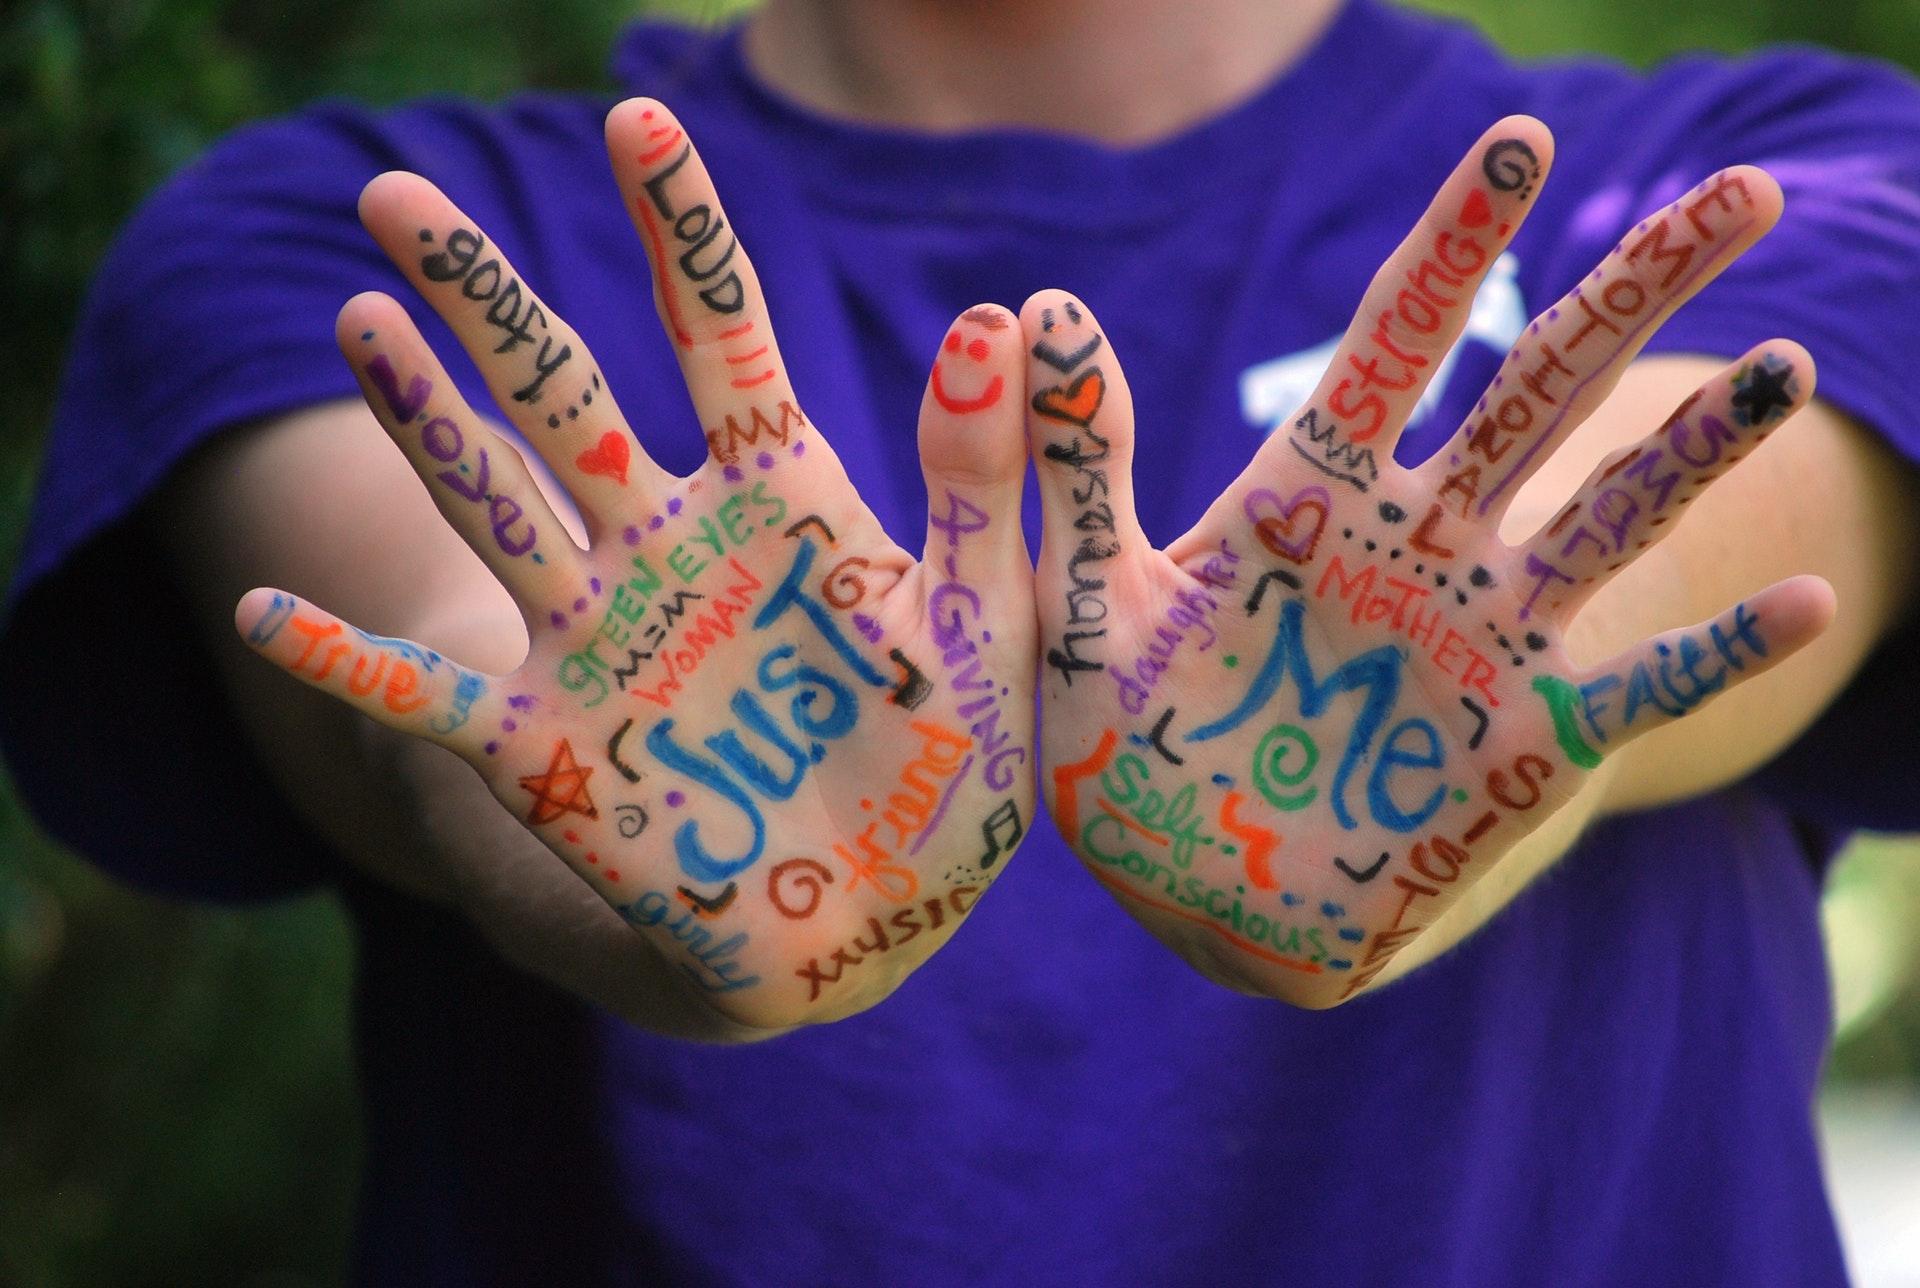 Mani con scritte colorate